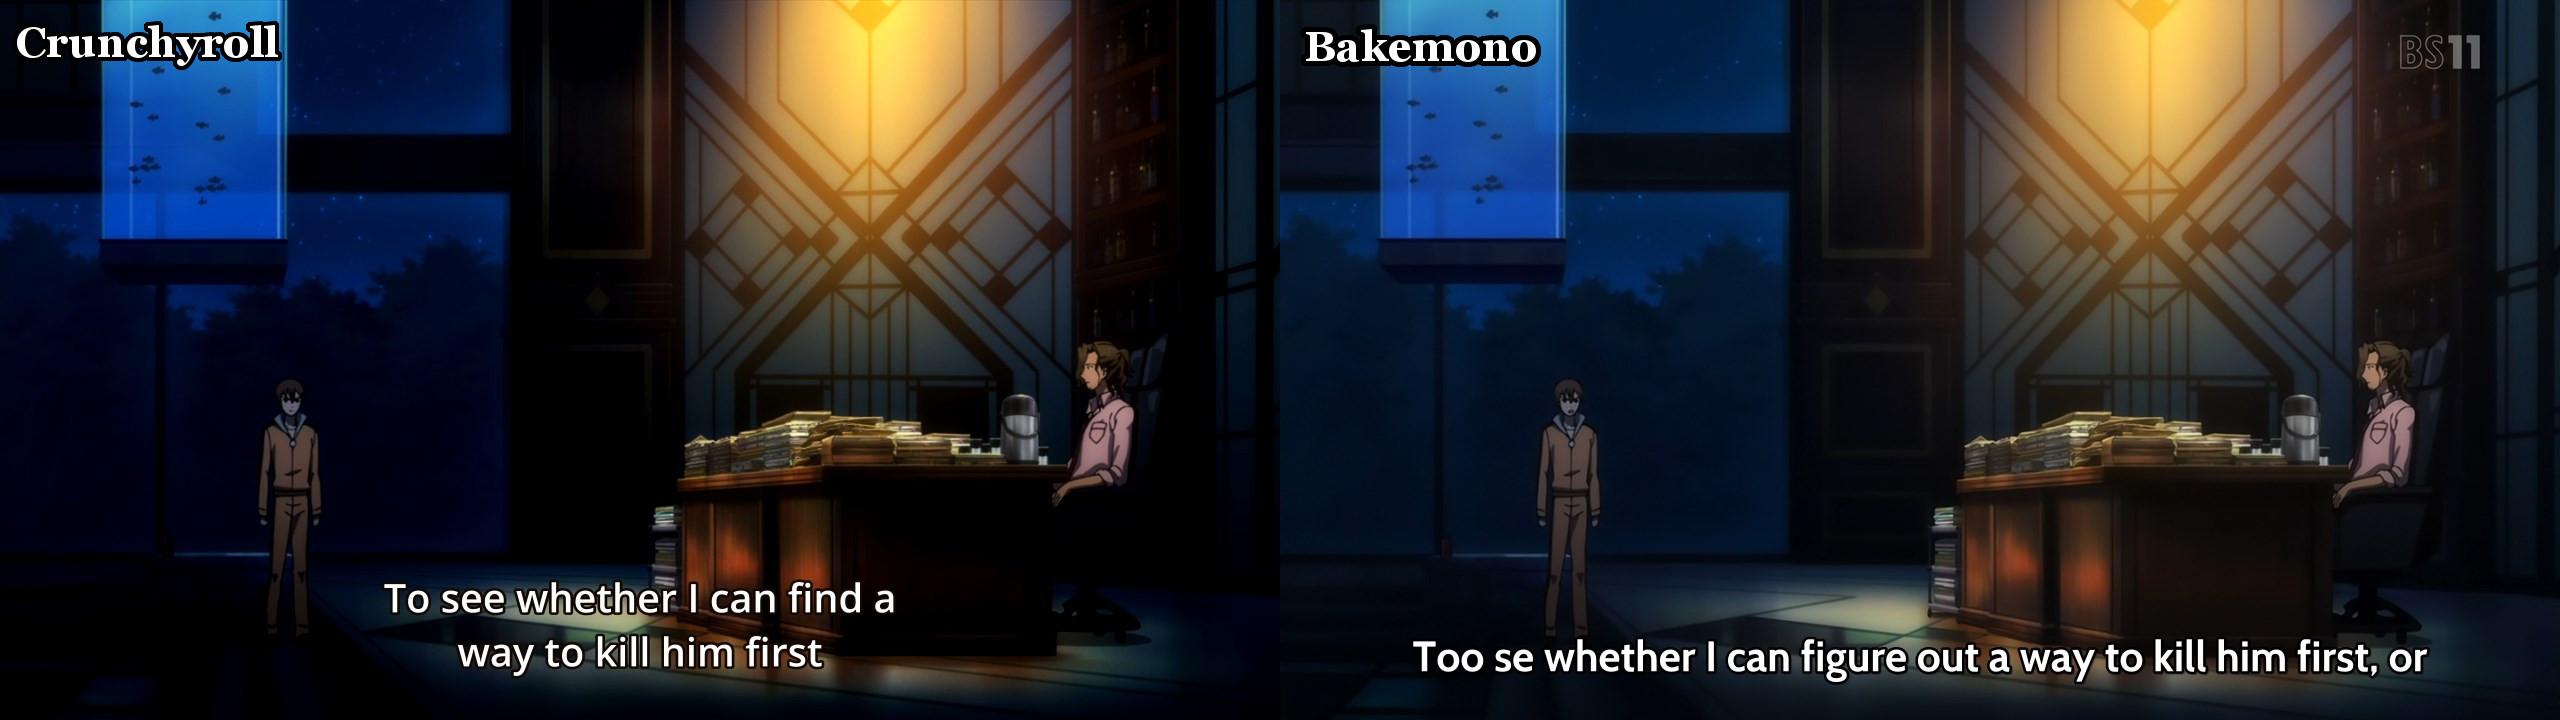 crunchyroll_versus_bakemono_-_trickster_-_9gva